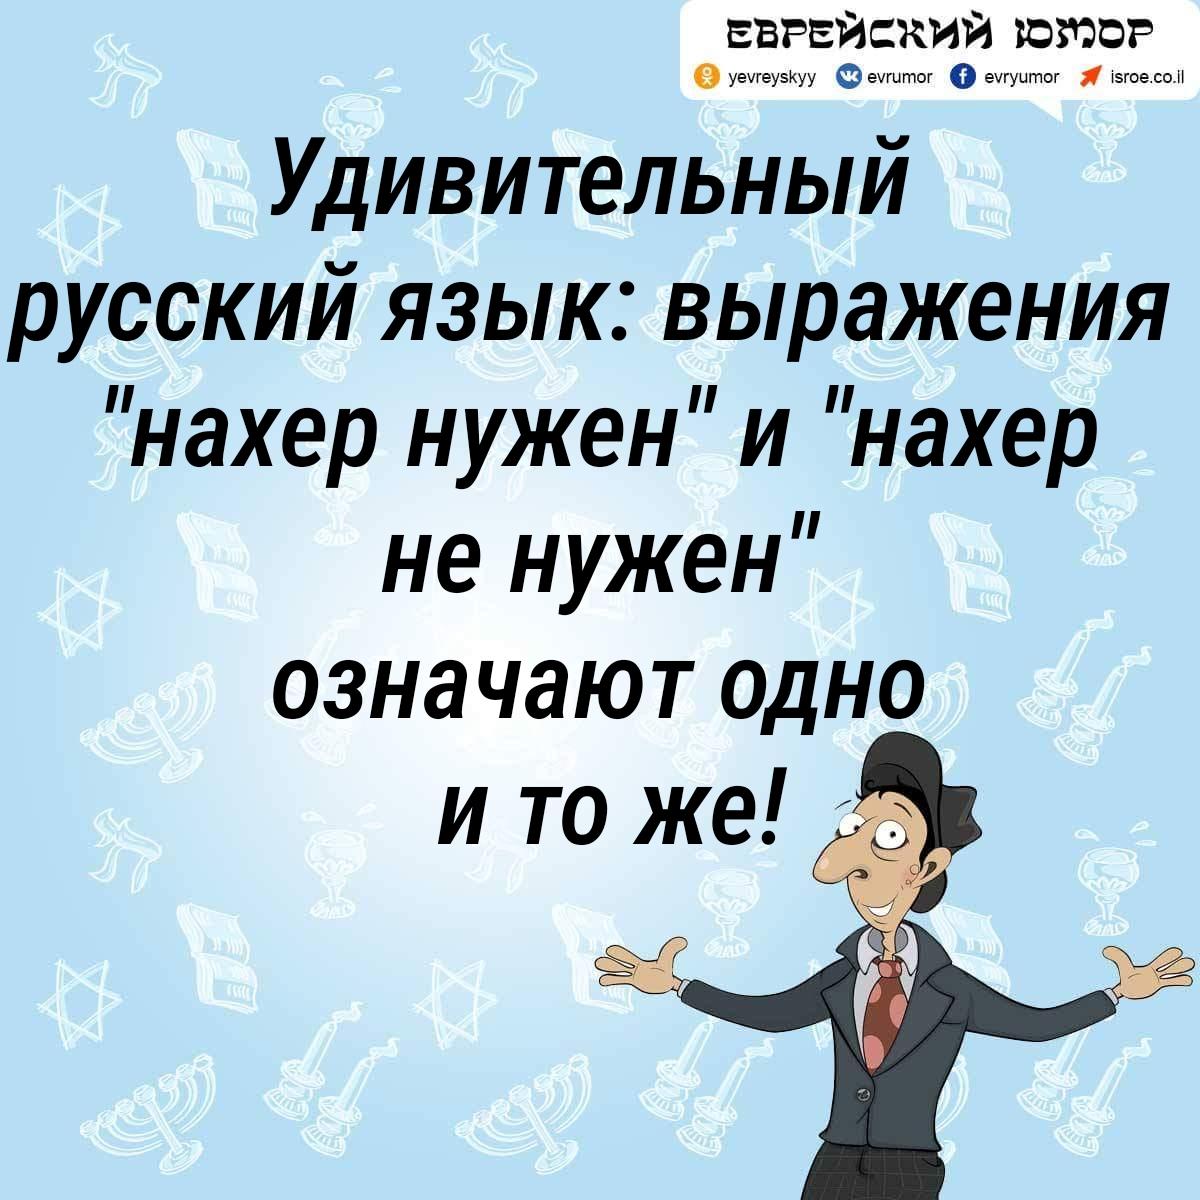 Еврейский юмор. Одесский анекдот. Удивительный